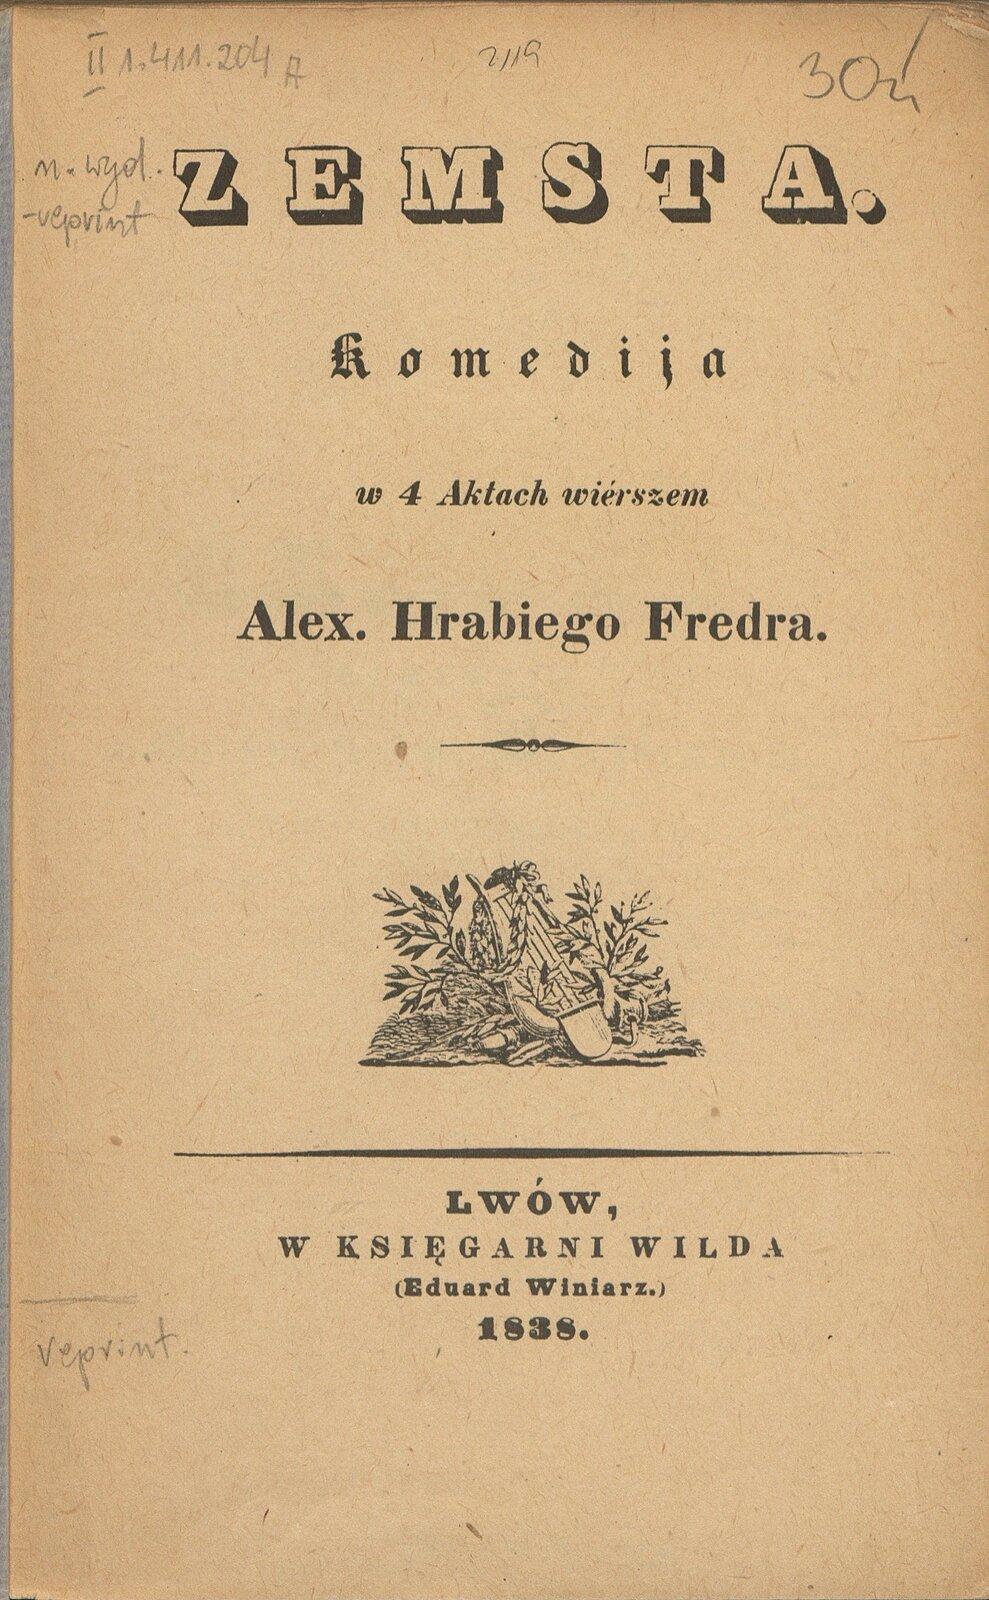 Zemsta: komedija w4 aktach wiérszem. Reprint Źródło: Aleksander Fredro, Zemsta: komedija w4 aktach wiérszem. Reprint, 1838, domena publiczna.